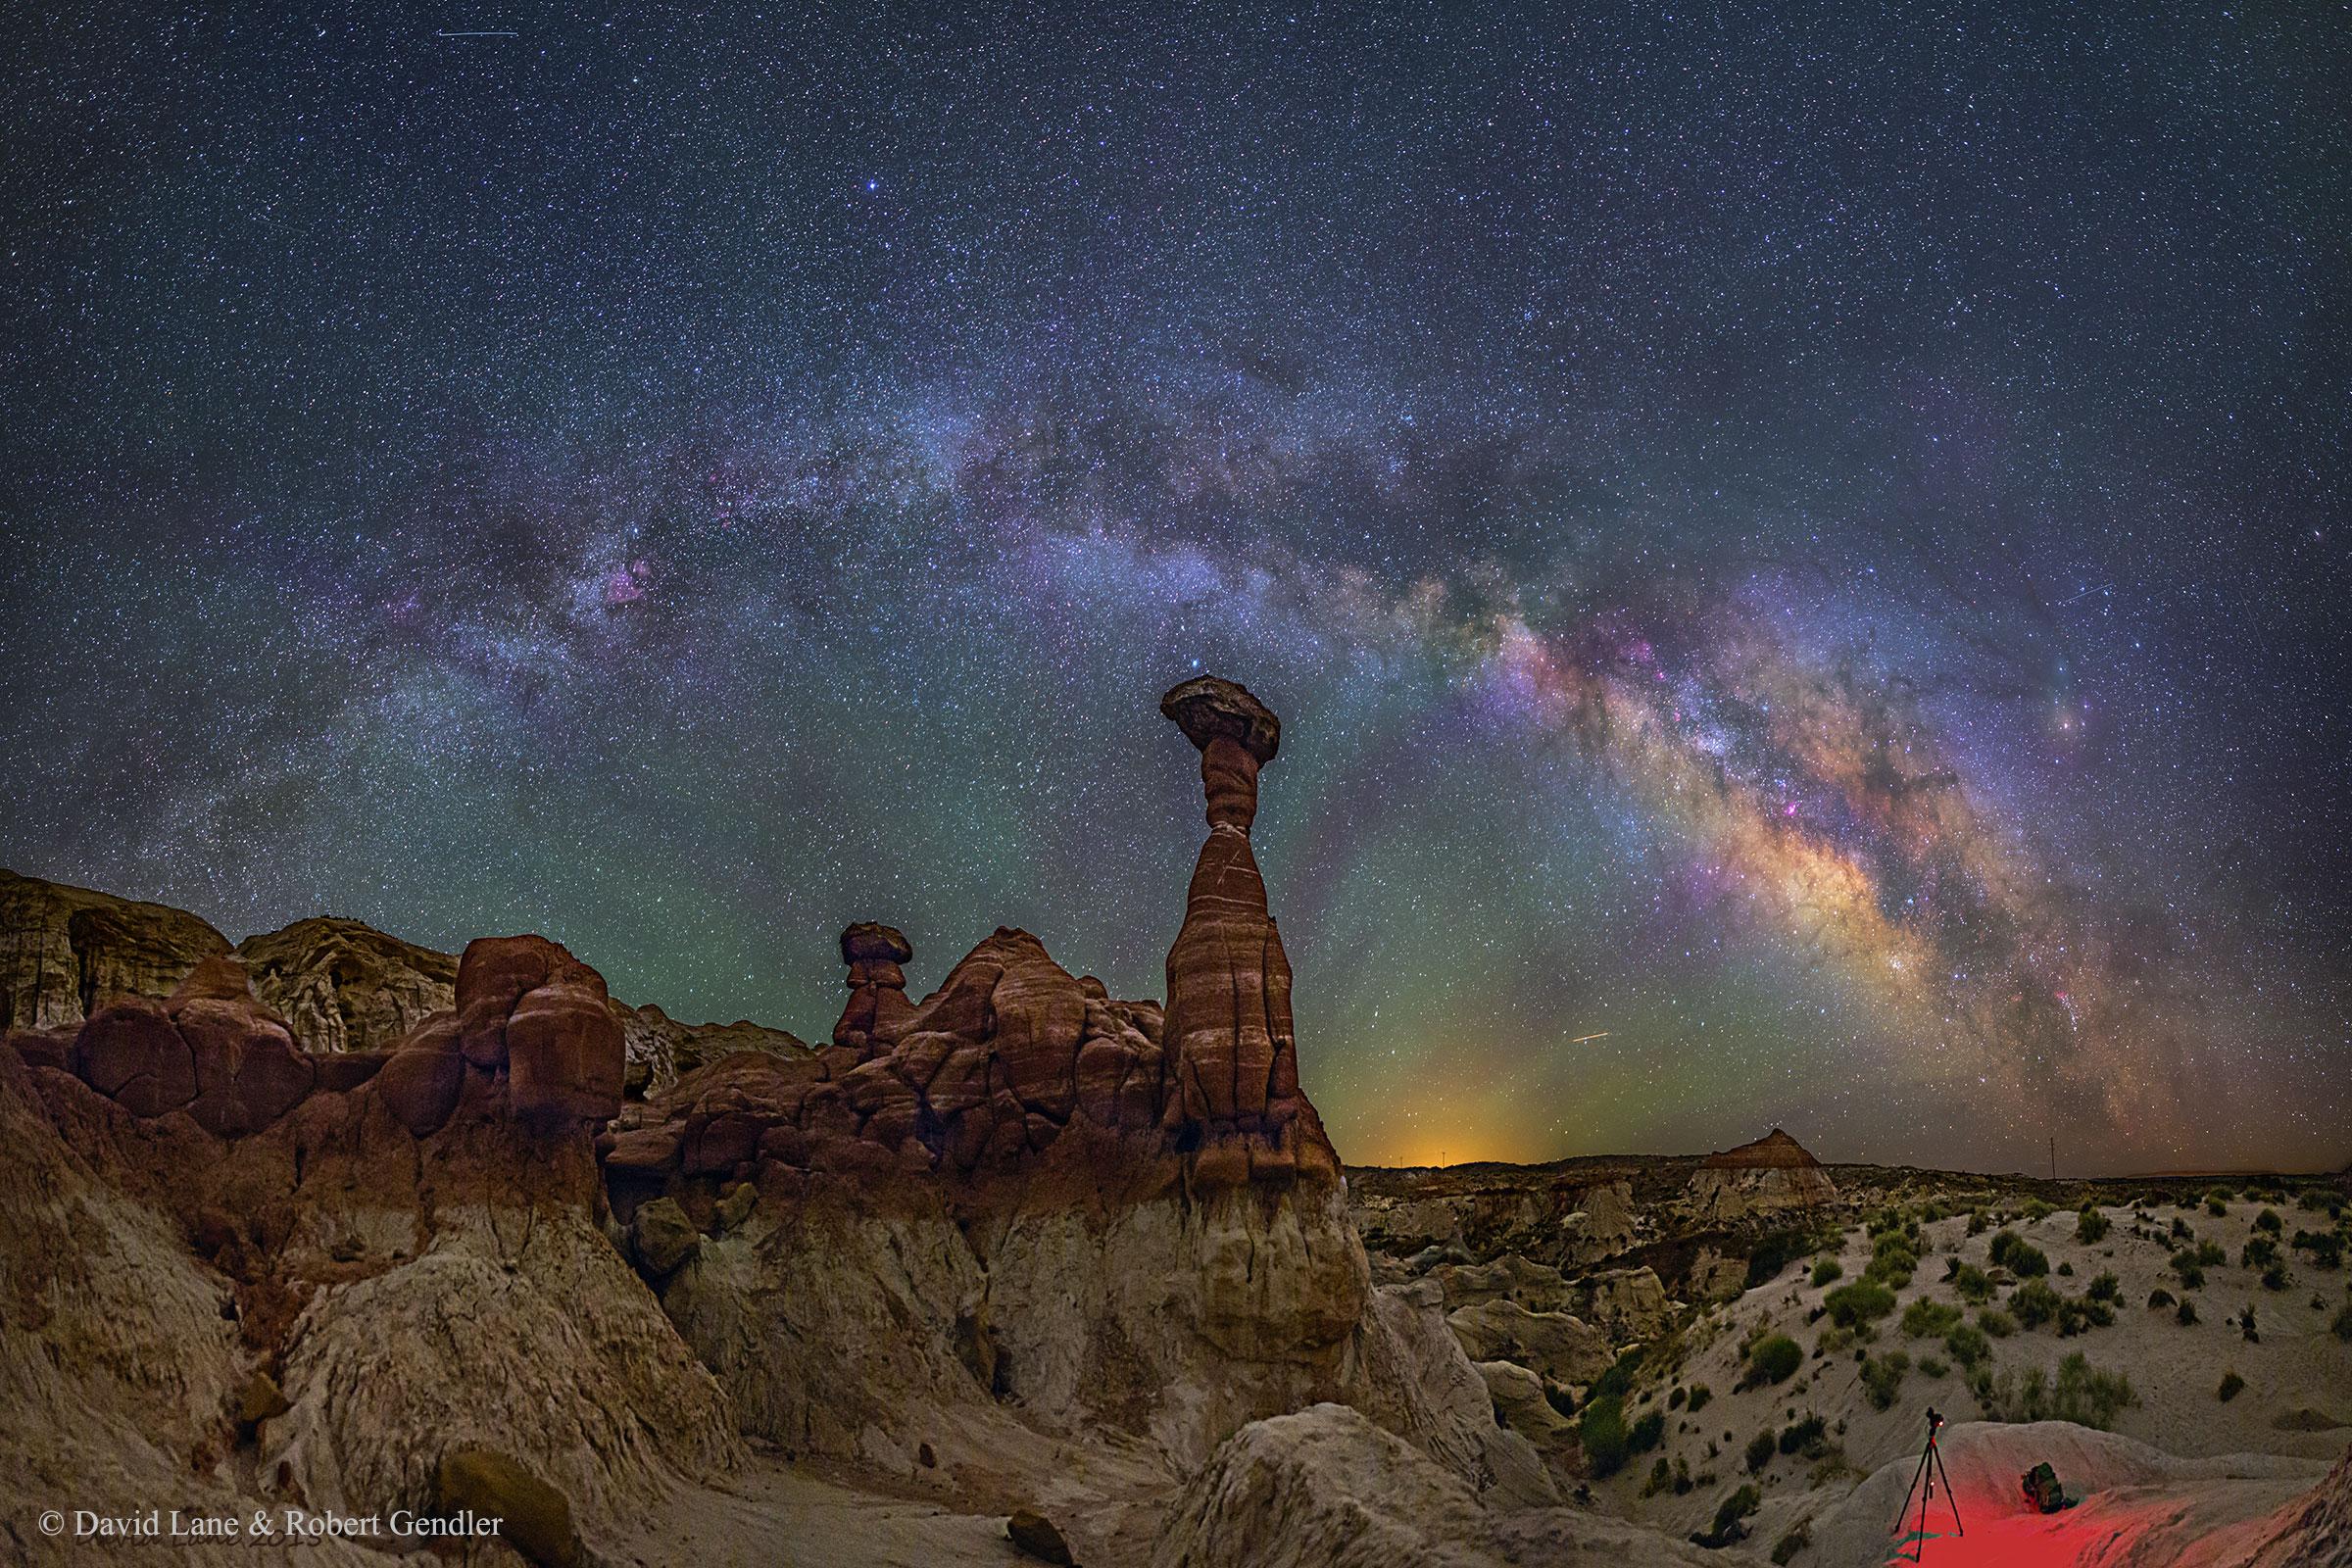 2015 February 23 - The Milky Way Over the Arizona Toadstools